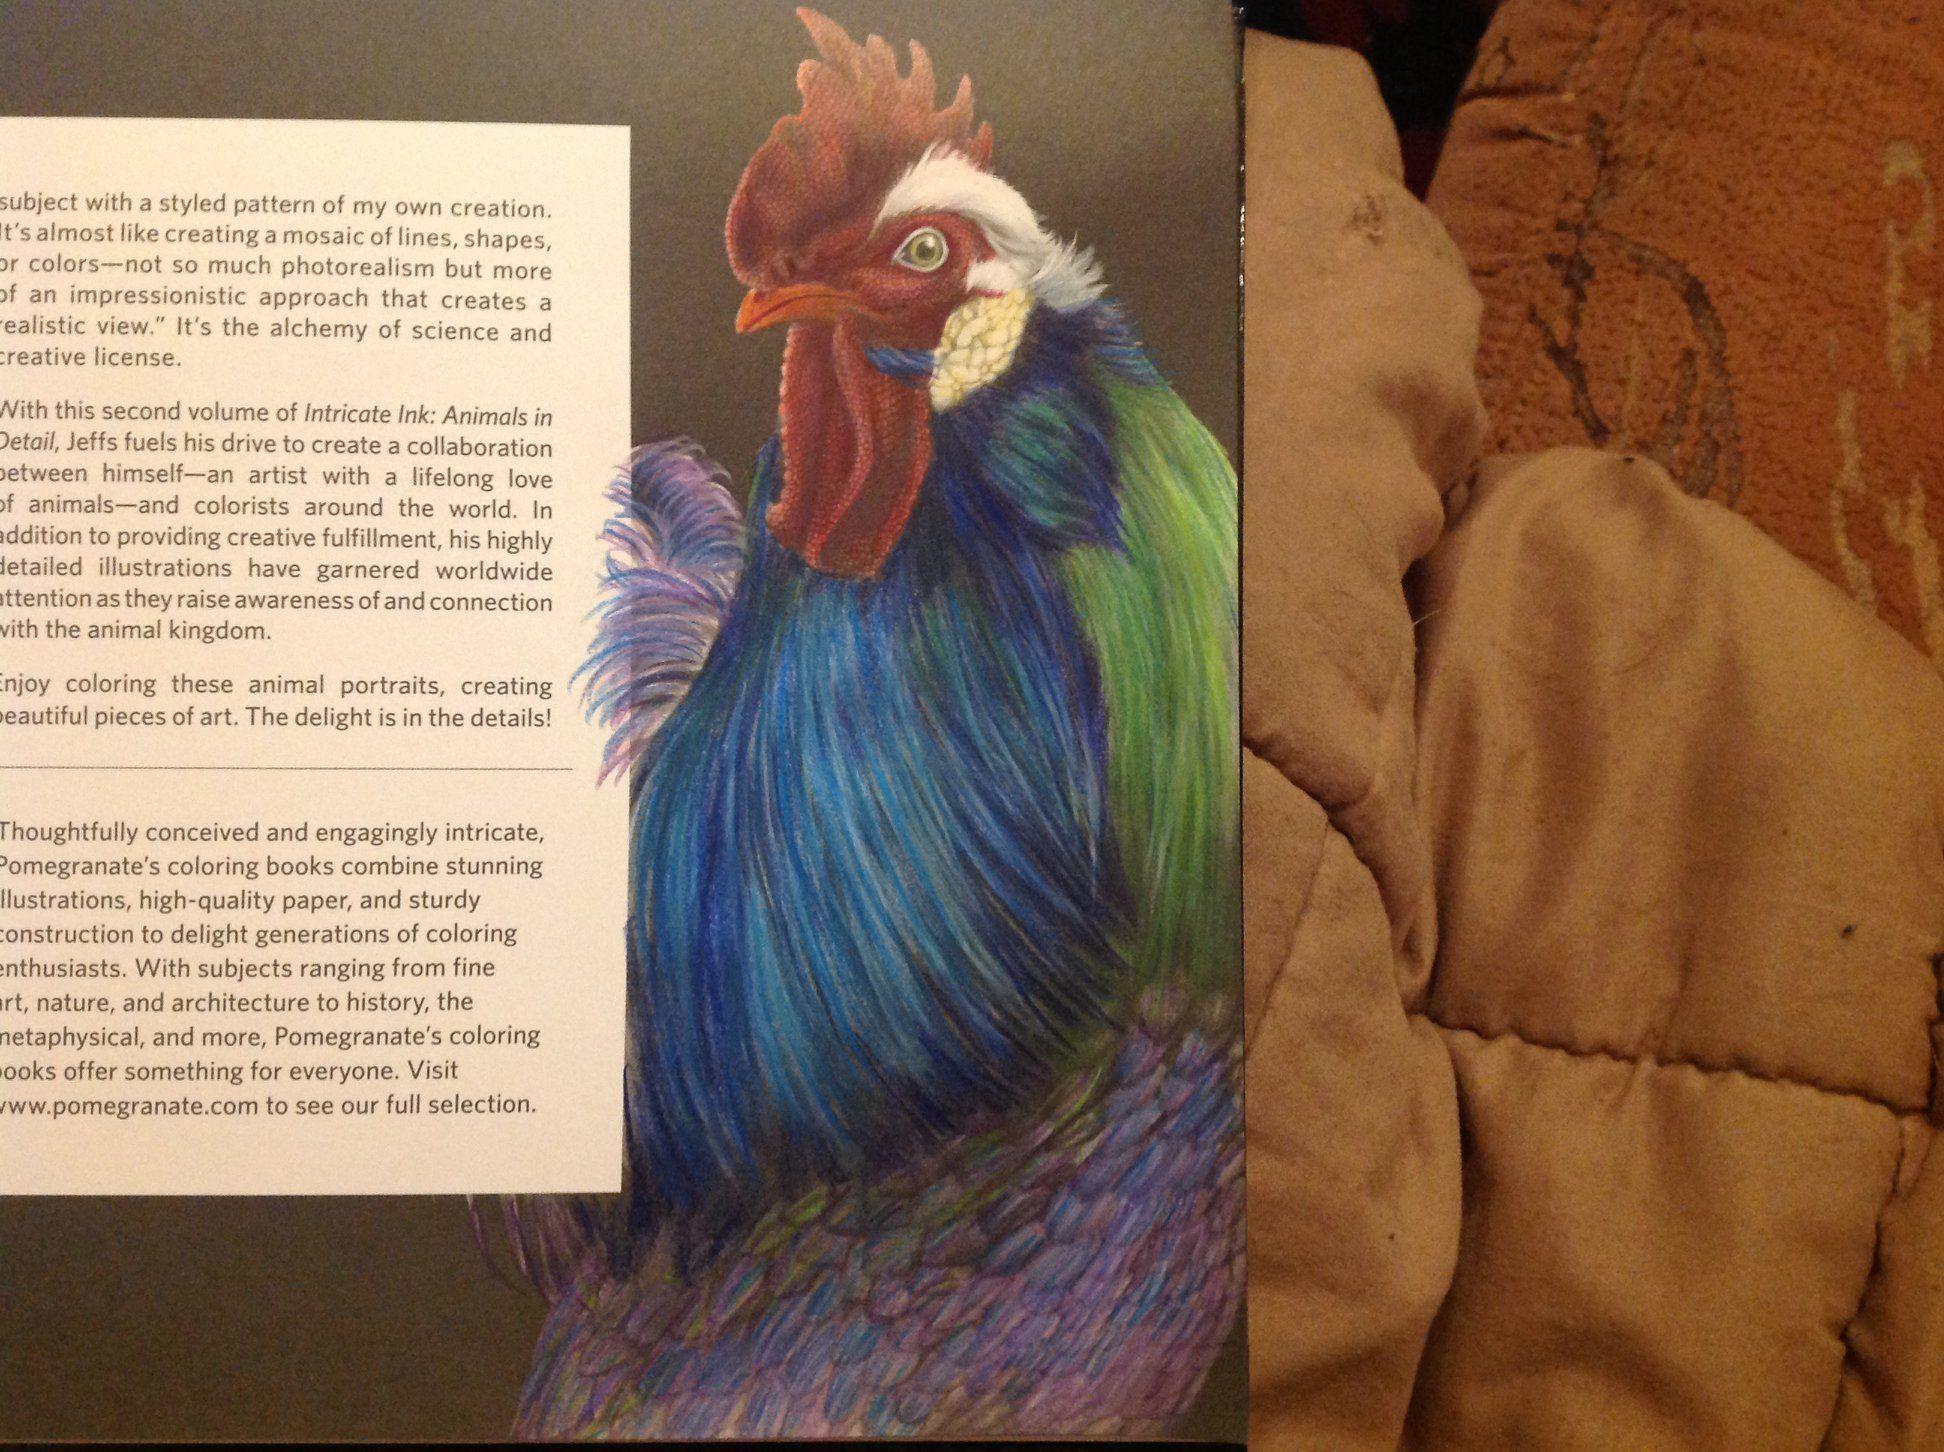 Kerstins Küchentraum ~ 1001 best volume 2: intricate ink animals in detail images on